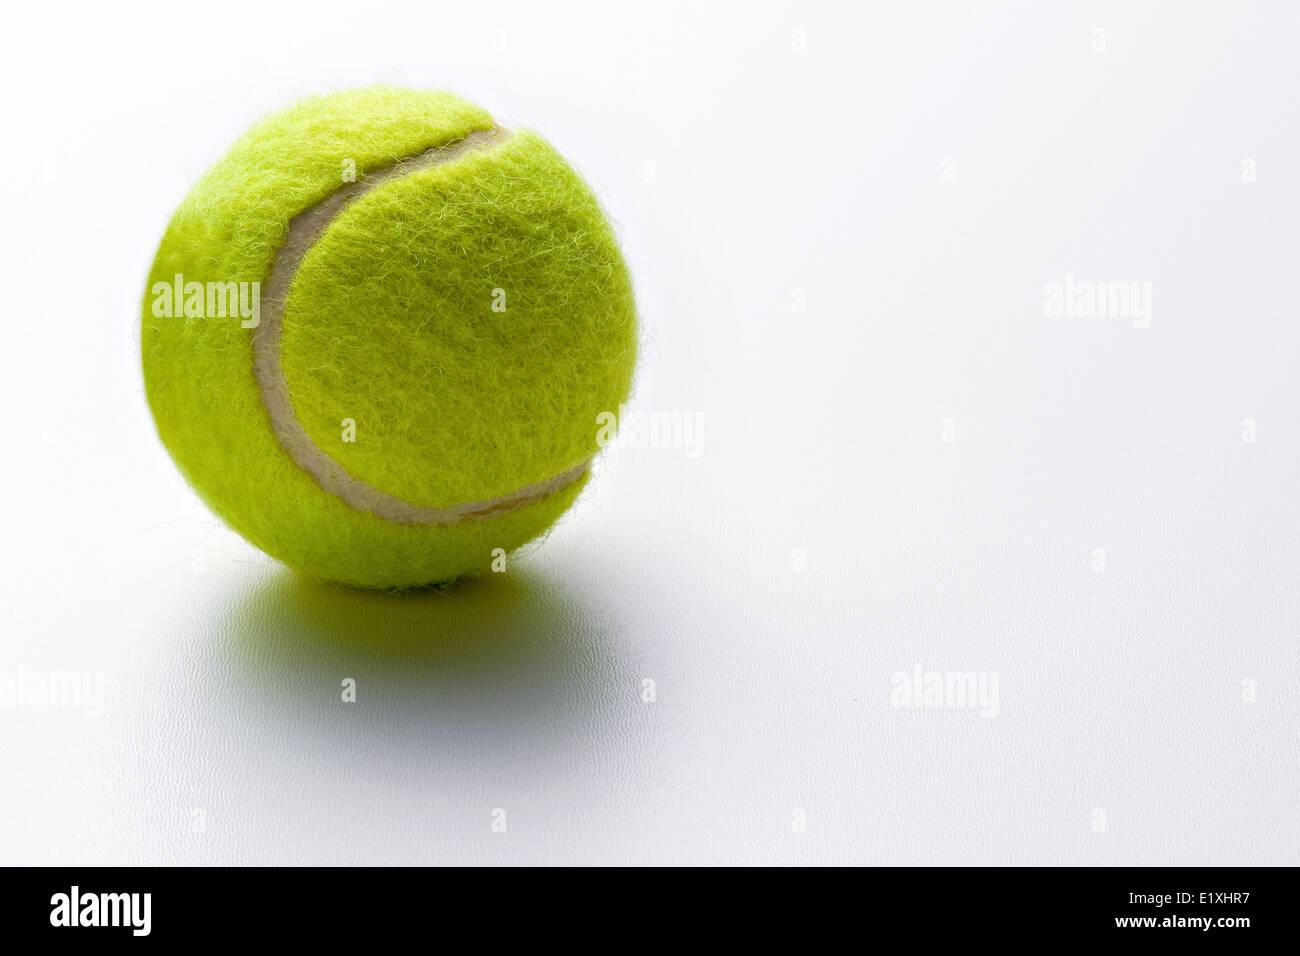 Einzelne gelbe grünen Tennisball auf einem weißen Hintergrund mit textfreiraum konzeptionellen Bewegung, Stockbild